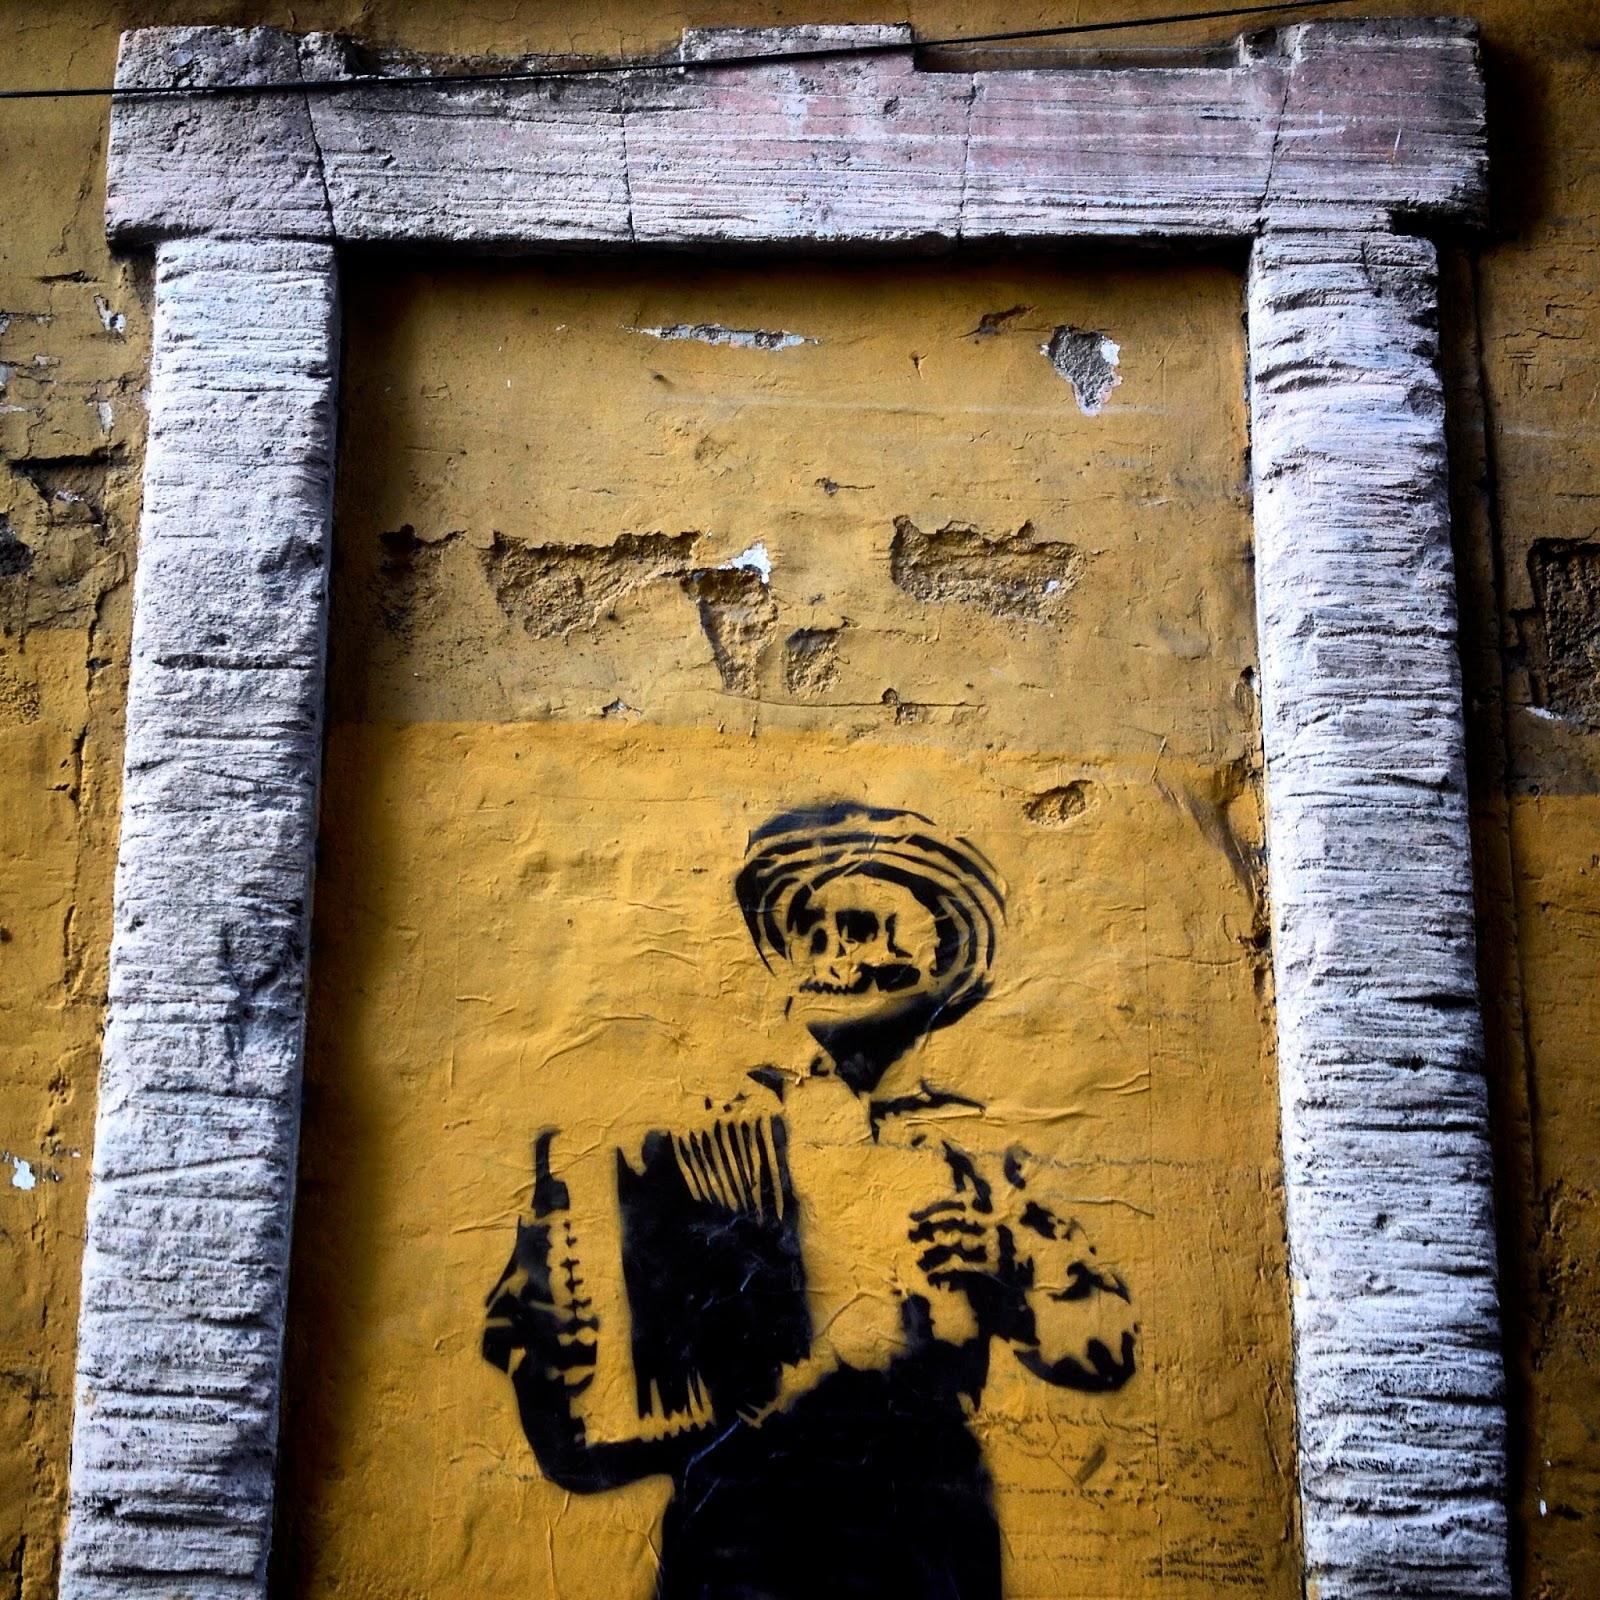 Graffiti de un acordeonista muerto pintado en una calle de Guanajuato. El Viaje al Centro del Universo se ha convertido en un camino lleno de momentos mágicos y de grandes lecciones. Nuestro próximo destino es Guanajuato. Ciudad conocida por su festival Cervantino, un encuentro internacional donde se realizan actividades sobre Miguel de Cervantes y su famoso hijo imaginado Don Quijote.